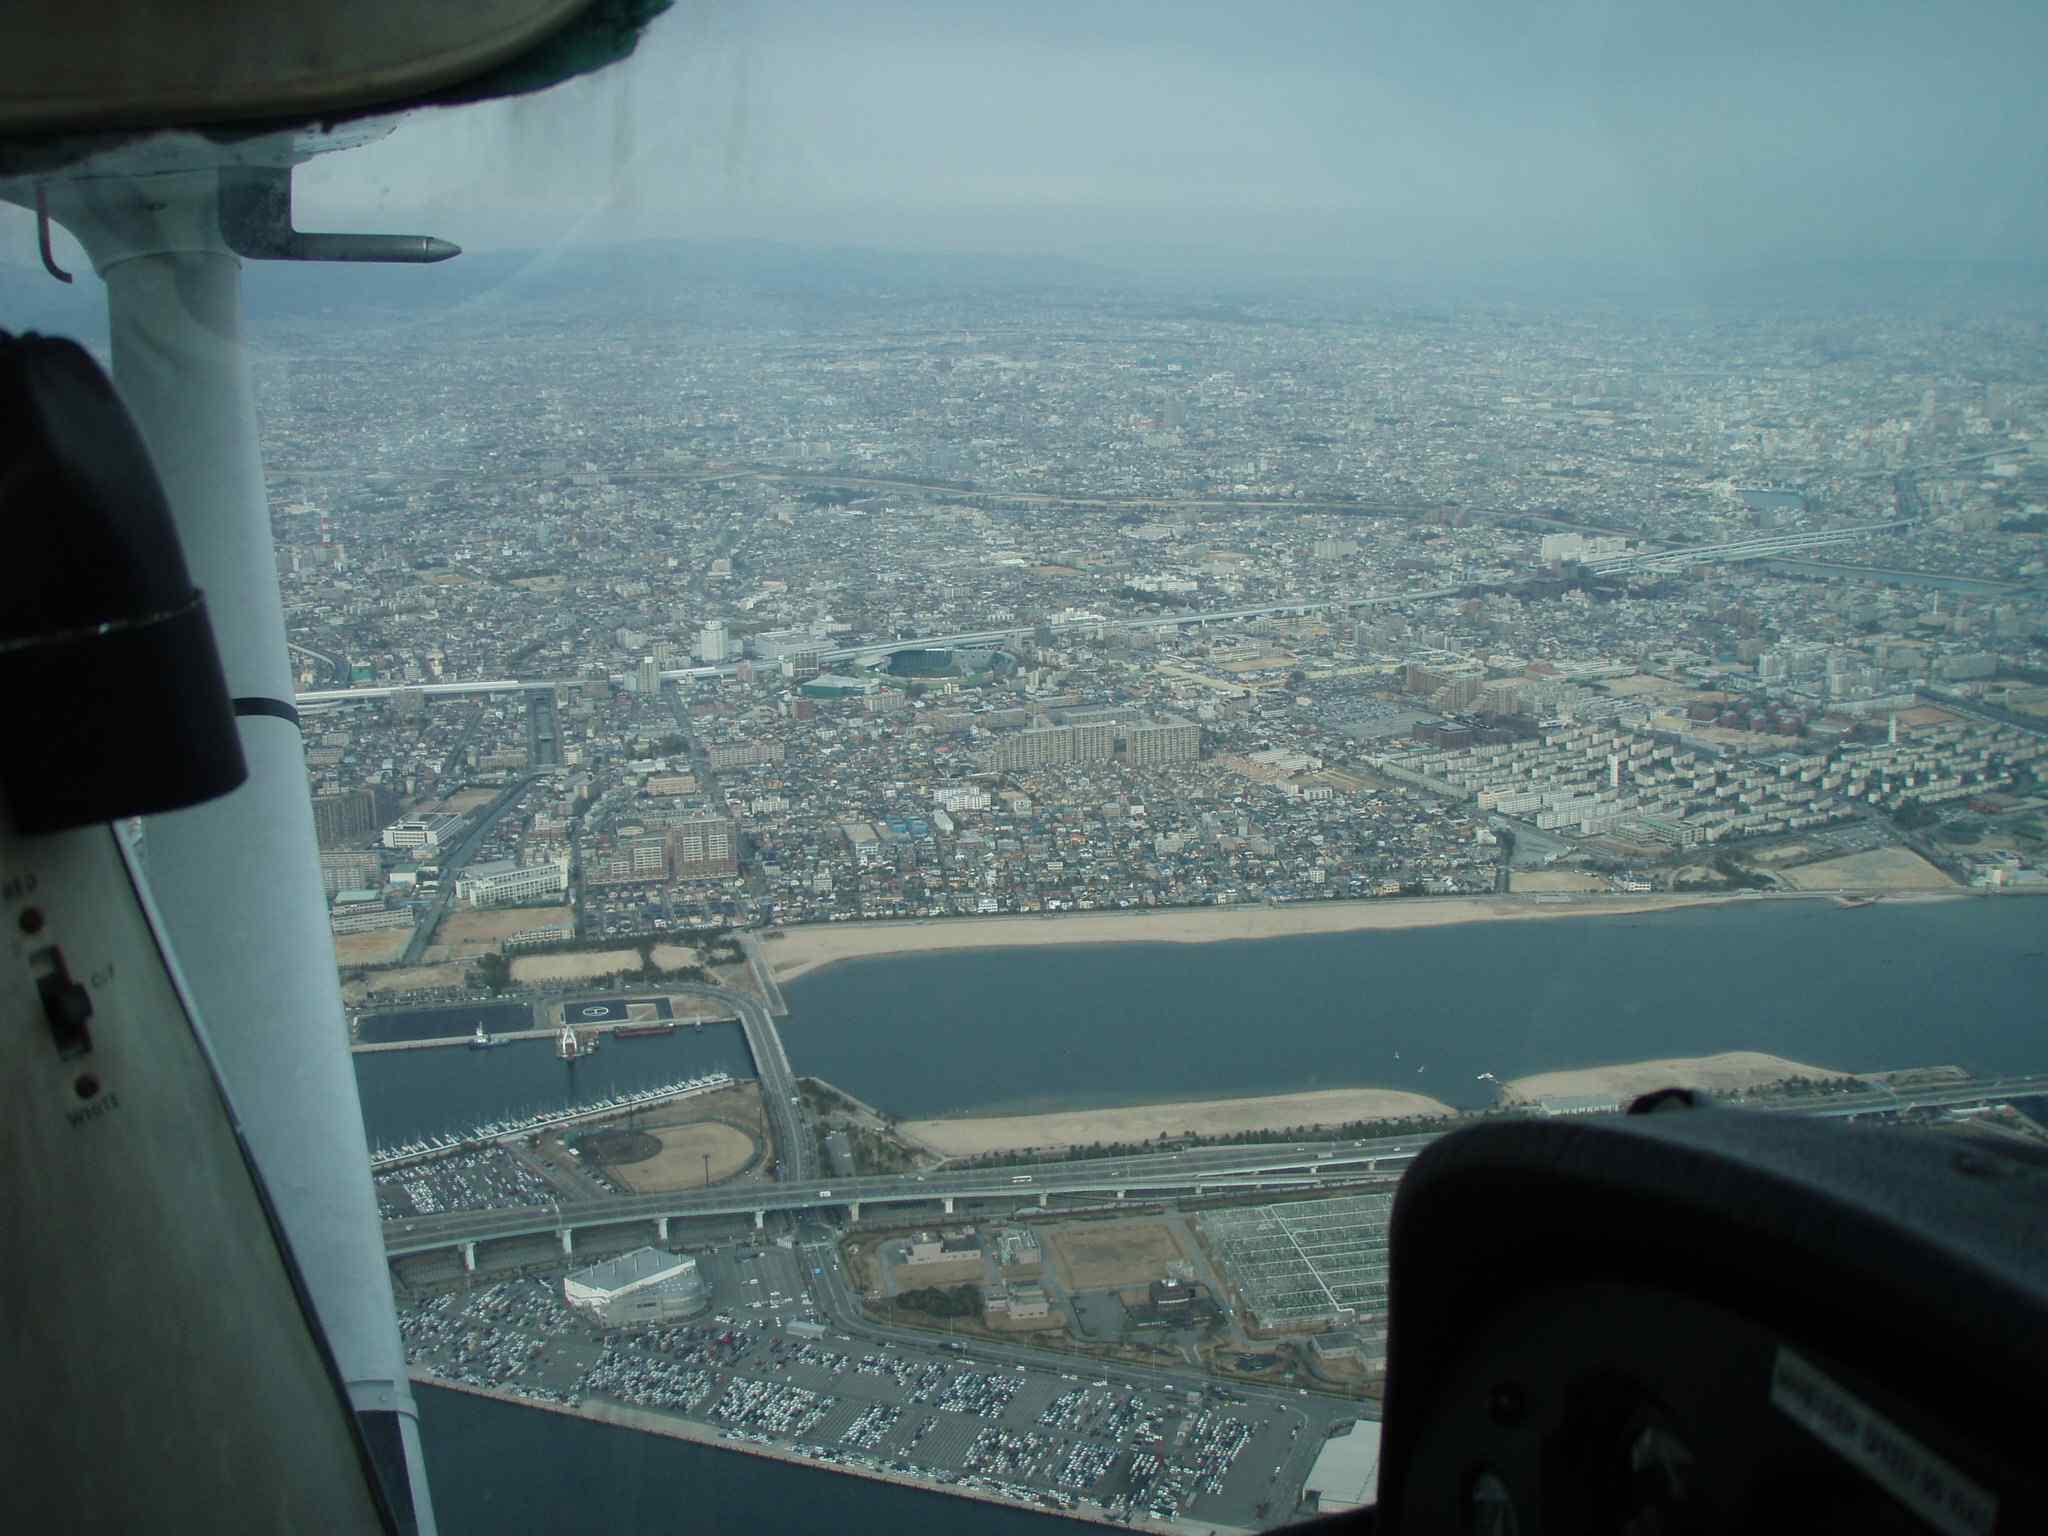 030208-nishinomiya-2.jpg